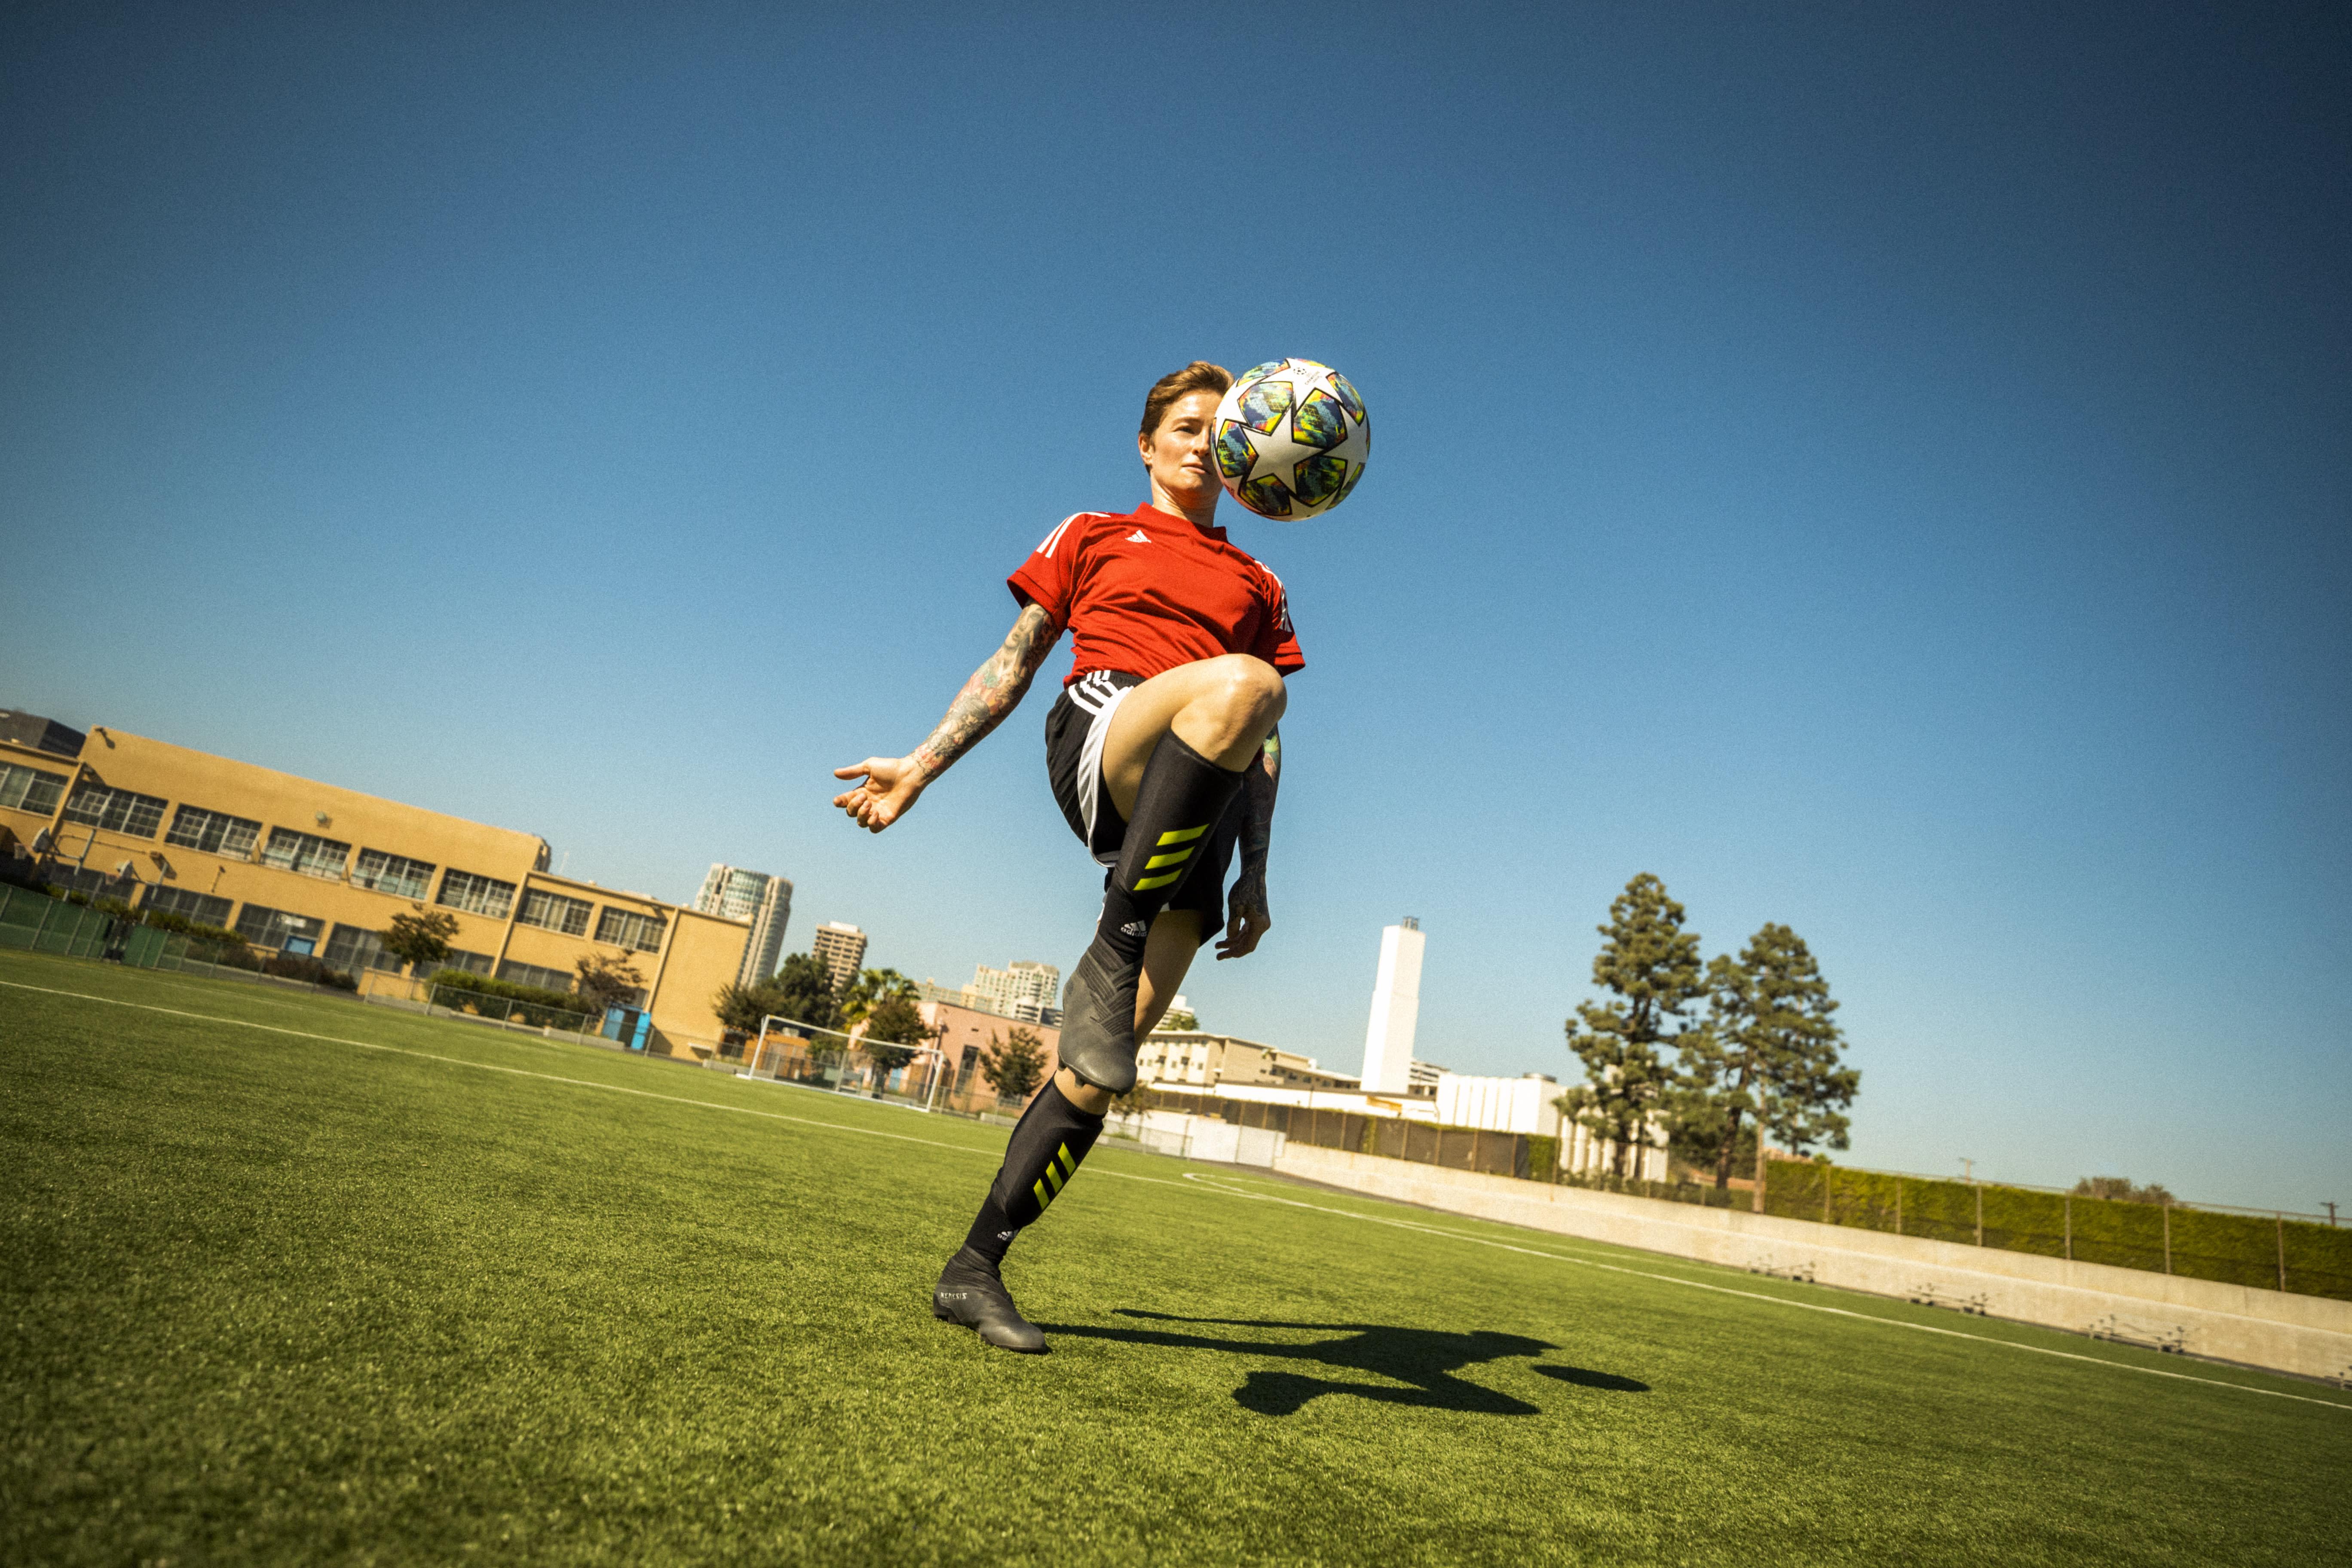 football-juggling-drills-2